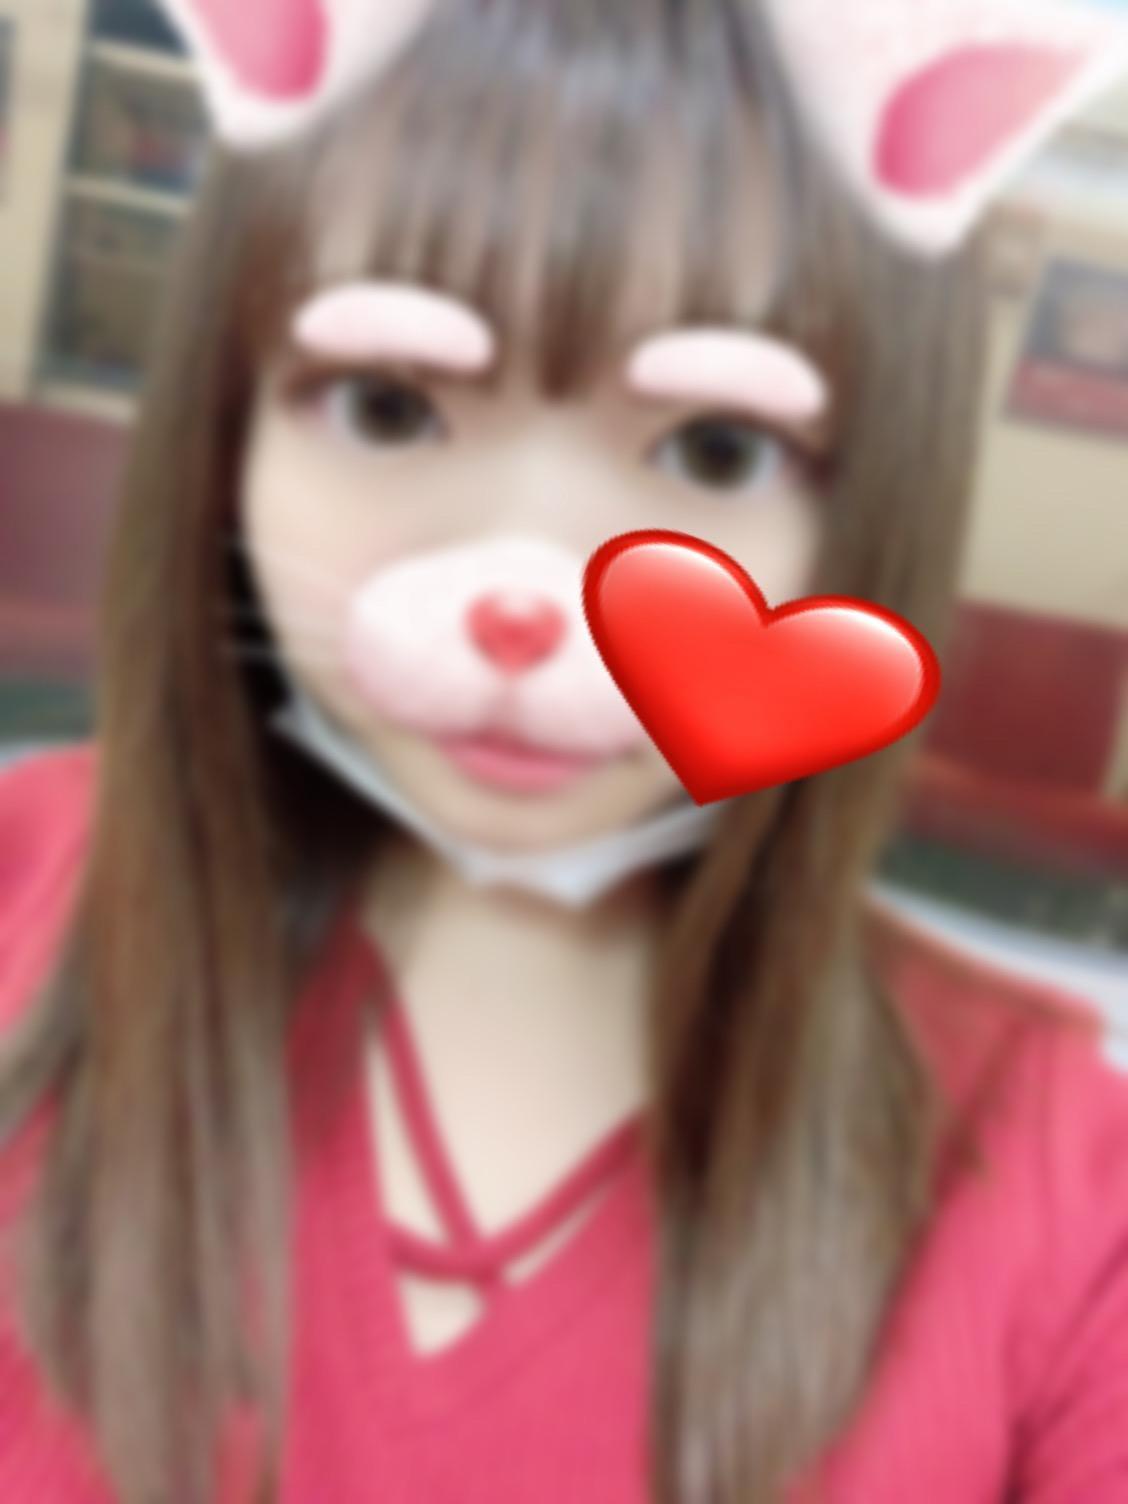 「こんばんは〜( ¨̮ )︎︎❤︎︎」06/30(火) 23:16 | ひまりの写メ・風俗動画